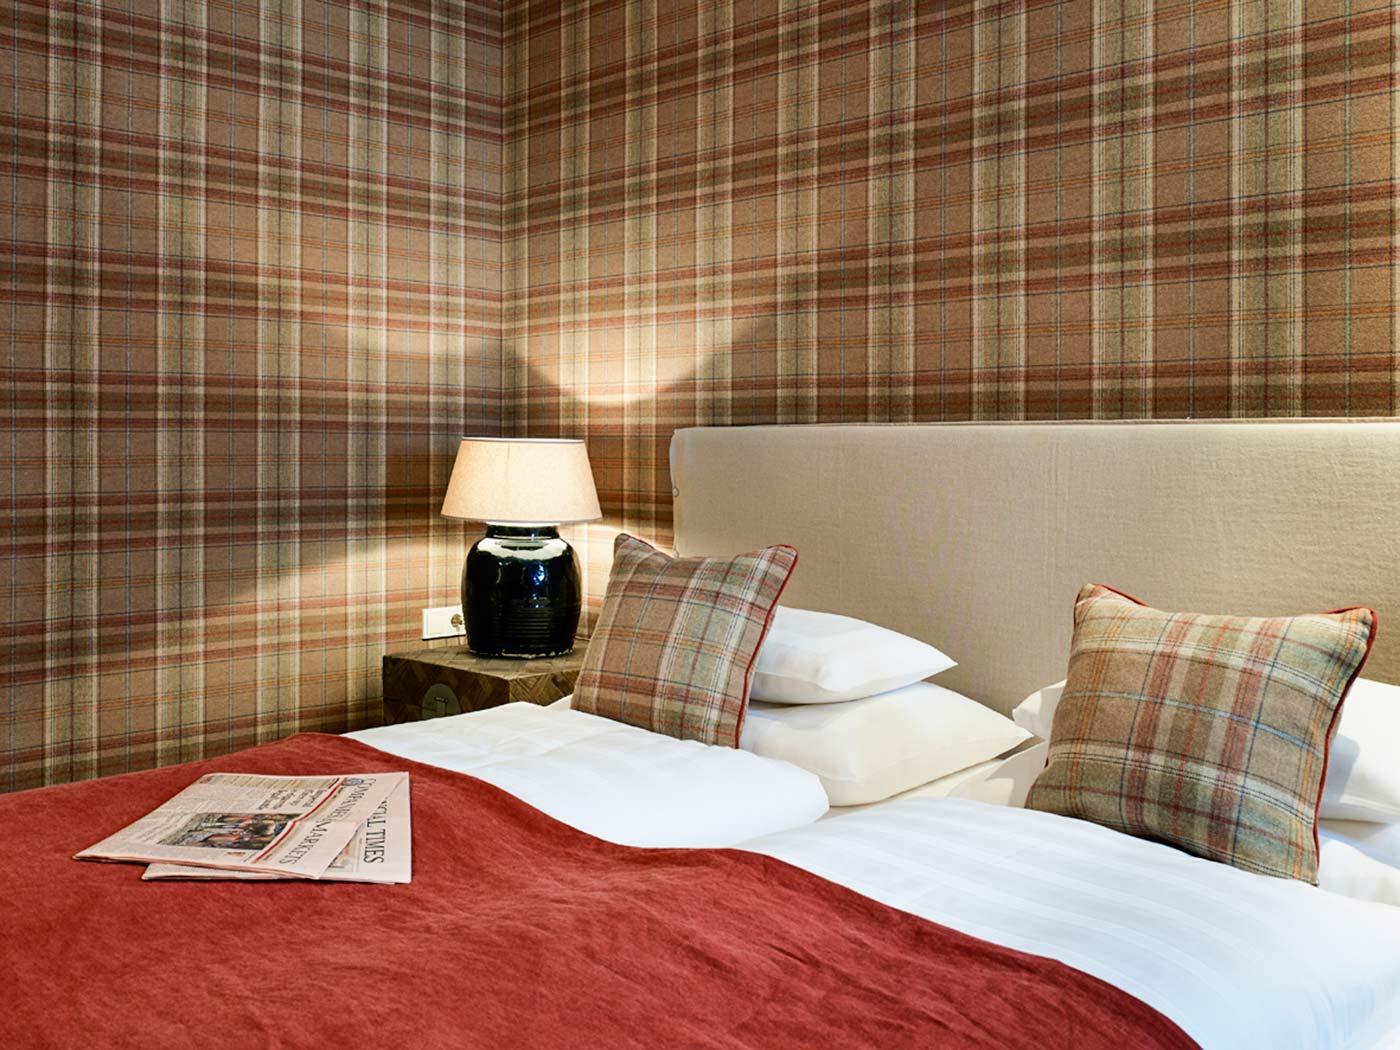 wandbespannung die einrichtungslounge lindau waldburg zeil. Black Bedroom Furniture Sets. Home Design Ideas